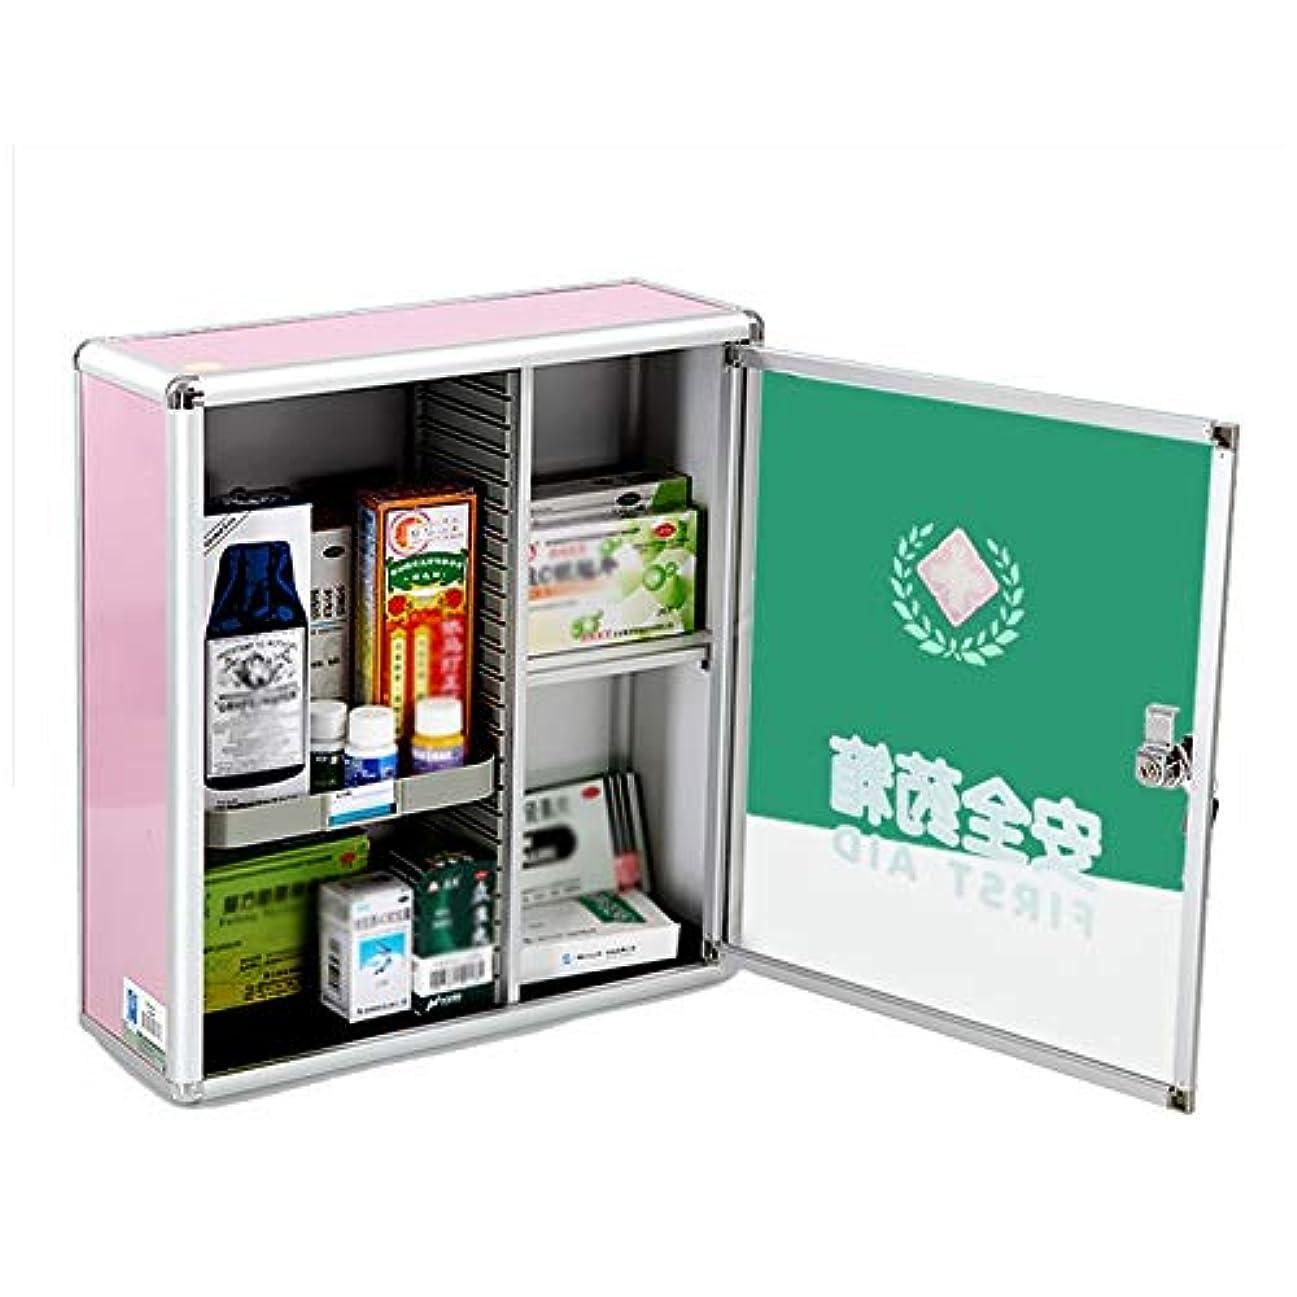 素子母衣類JJJJD 壁に取り付けられた医療用キャビネット応急処置キット、2つの棚付き+セキュリティガラス製ドアロック可能 (Color : Pink)